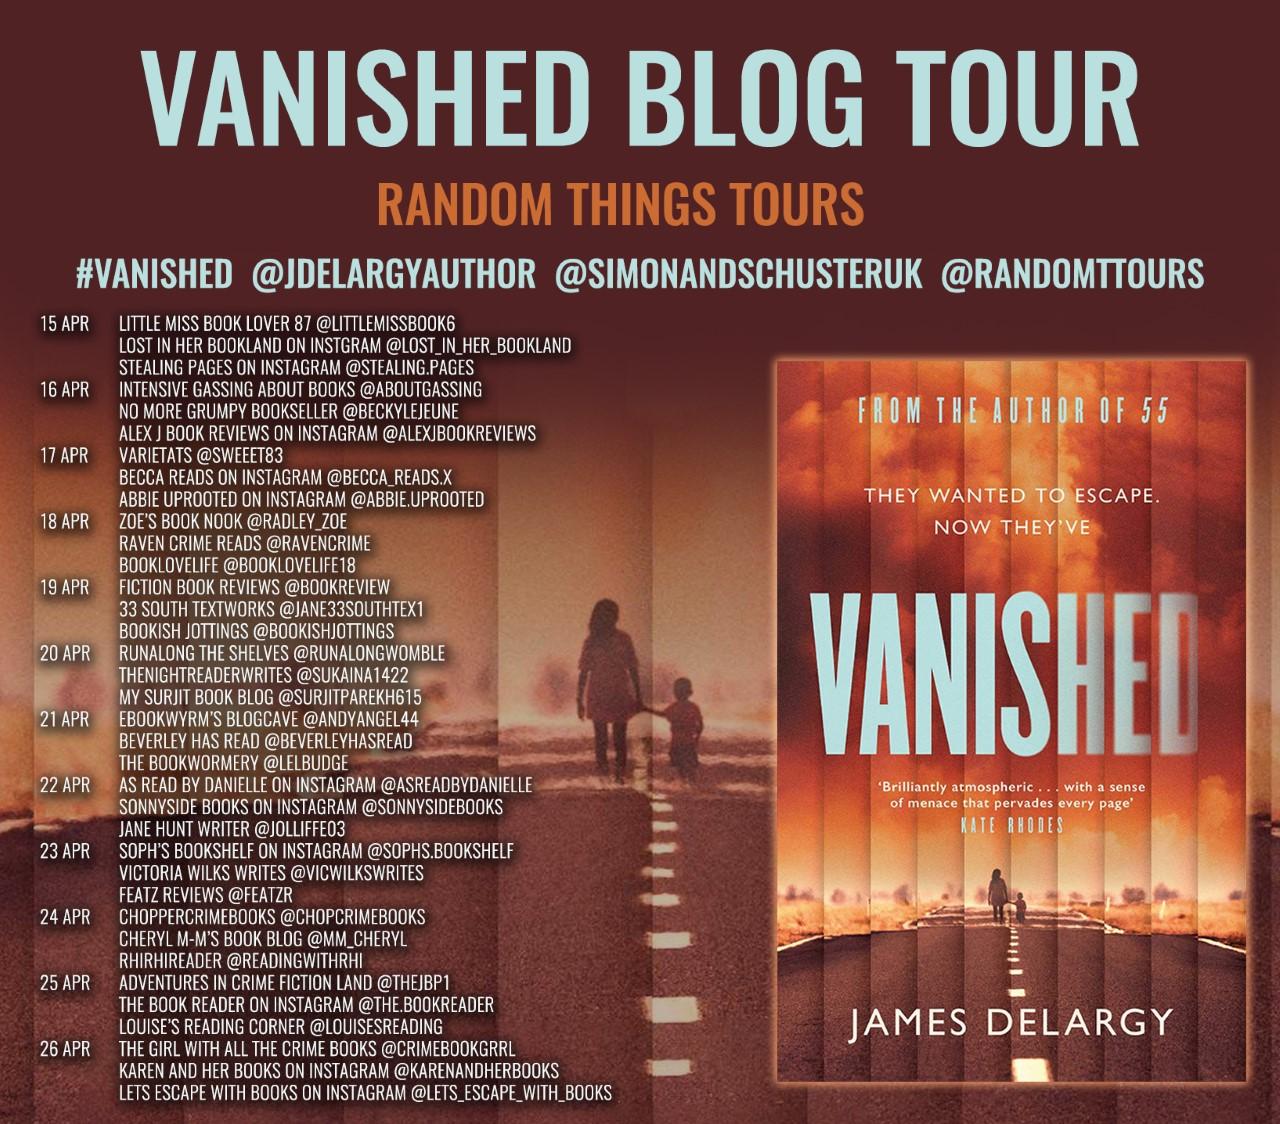 Vanished Blog Tour